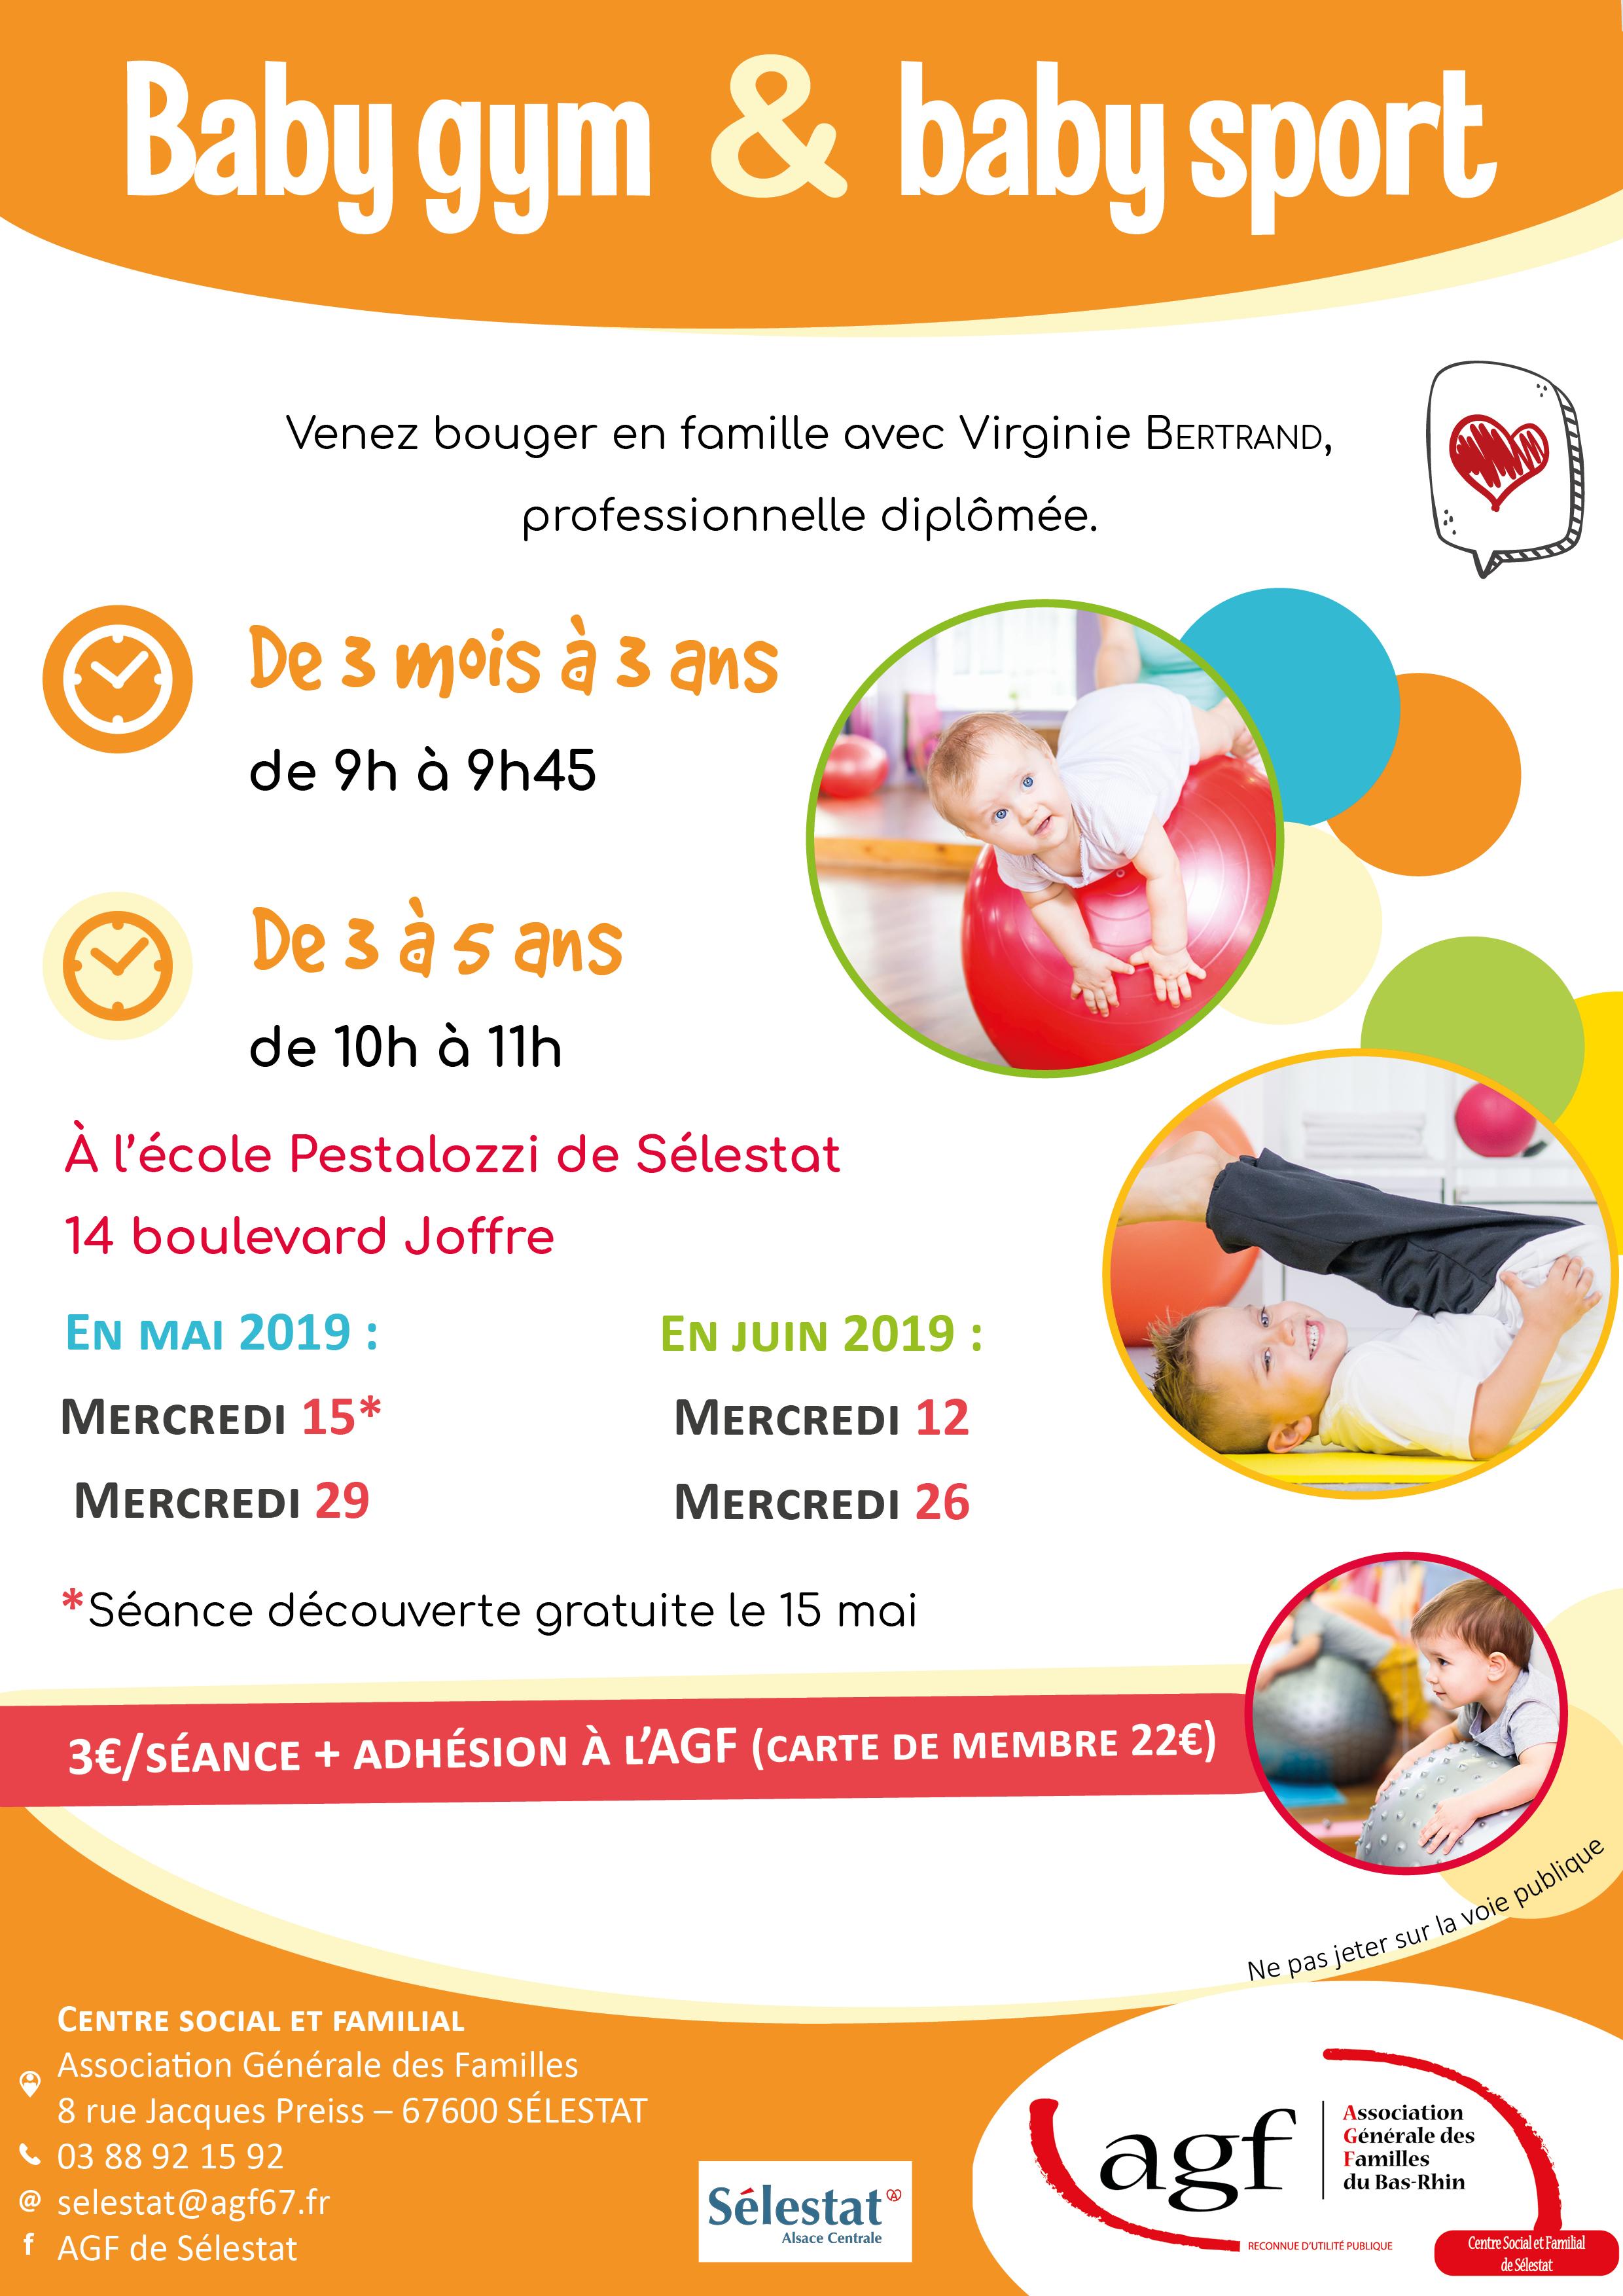 Séance de baby gym & baby sport (3 mois à 3 ans)